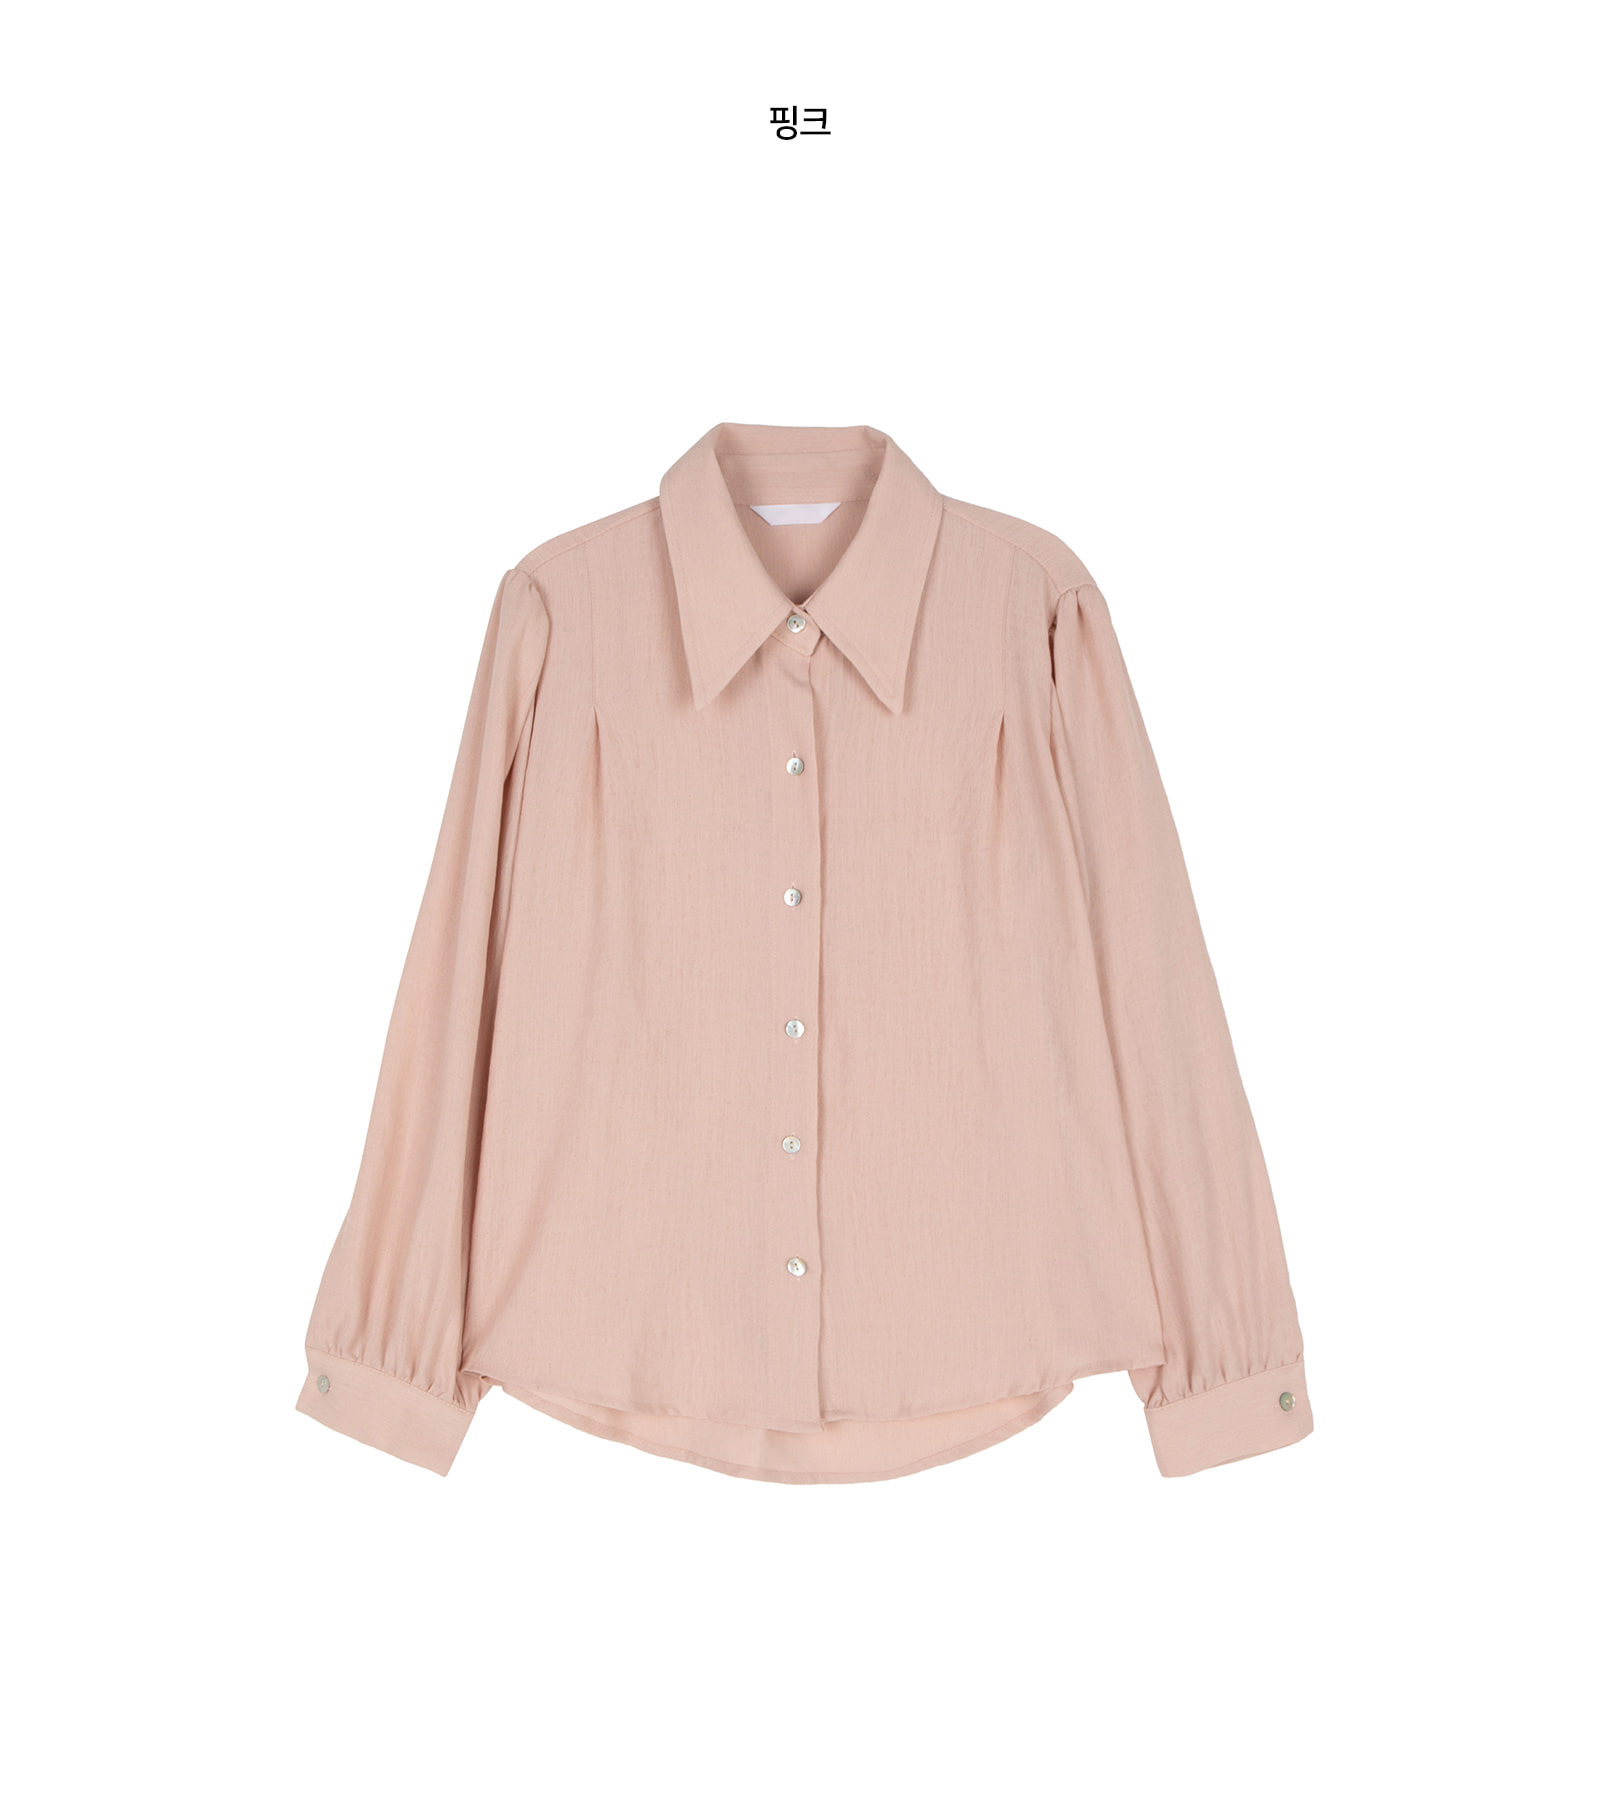 Autumn Smooth Standard Shirt